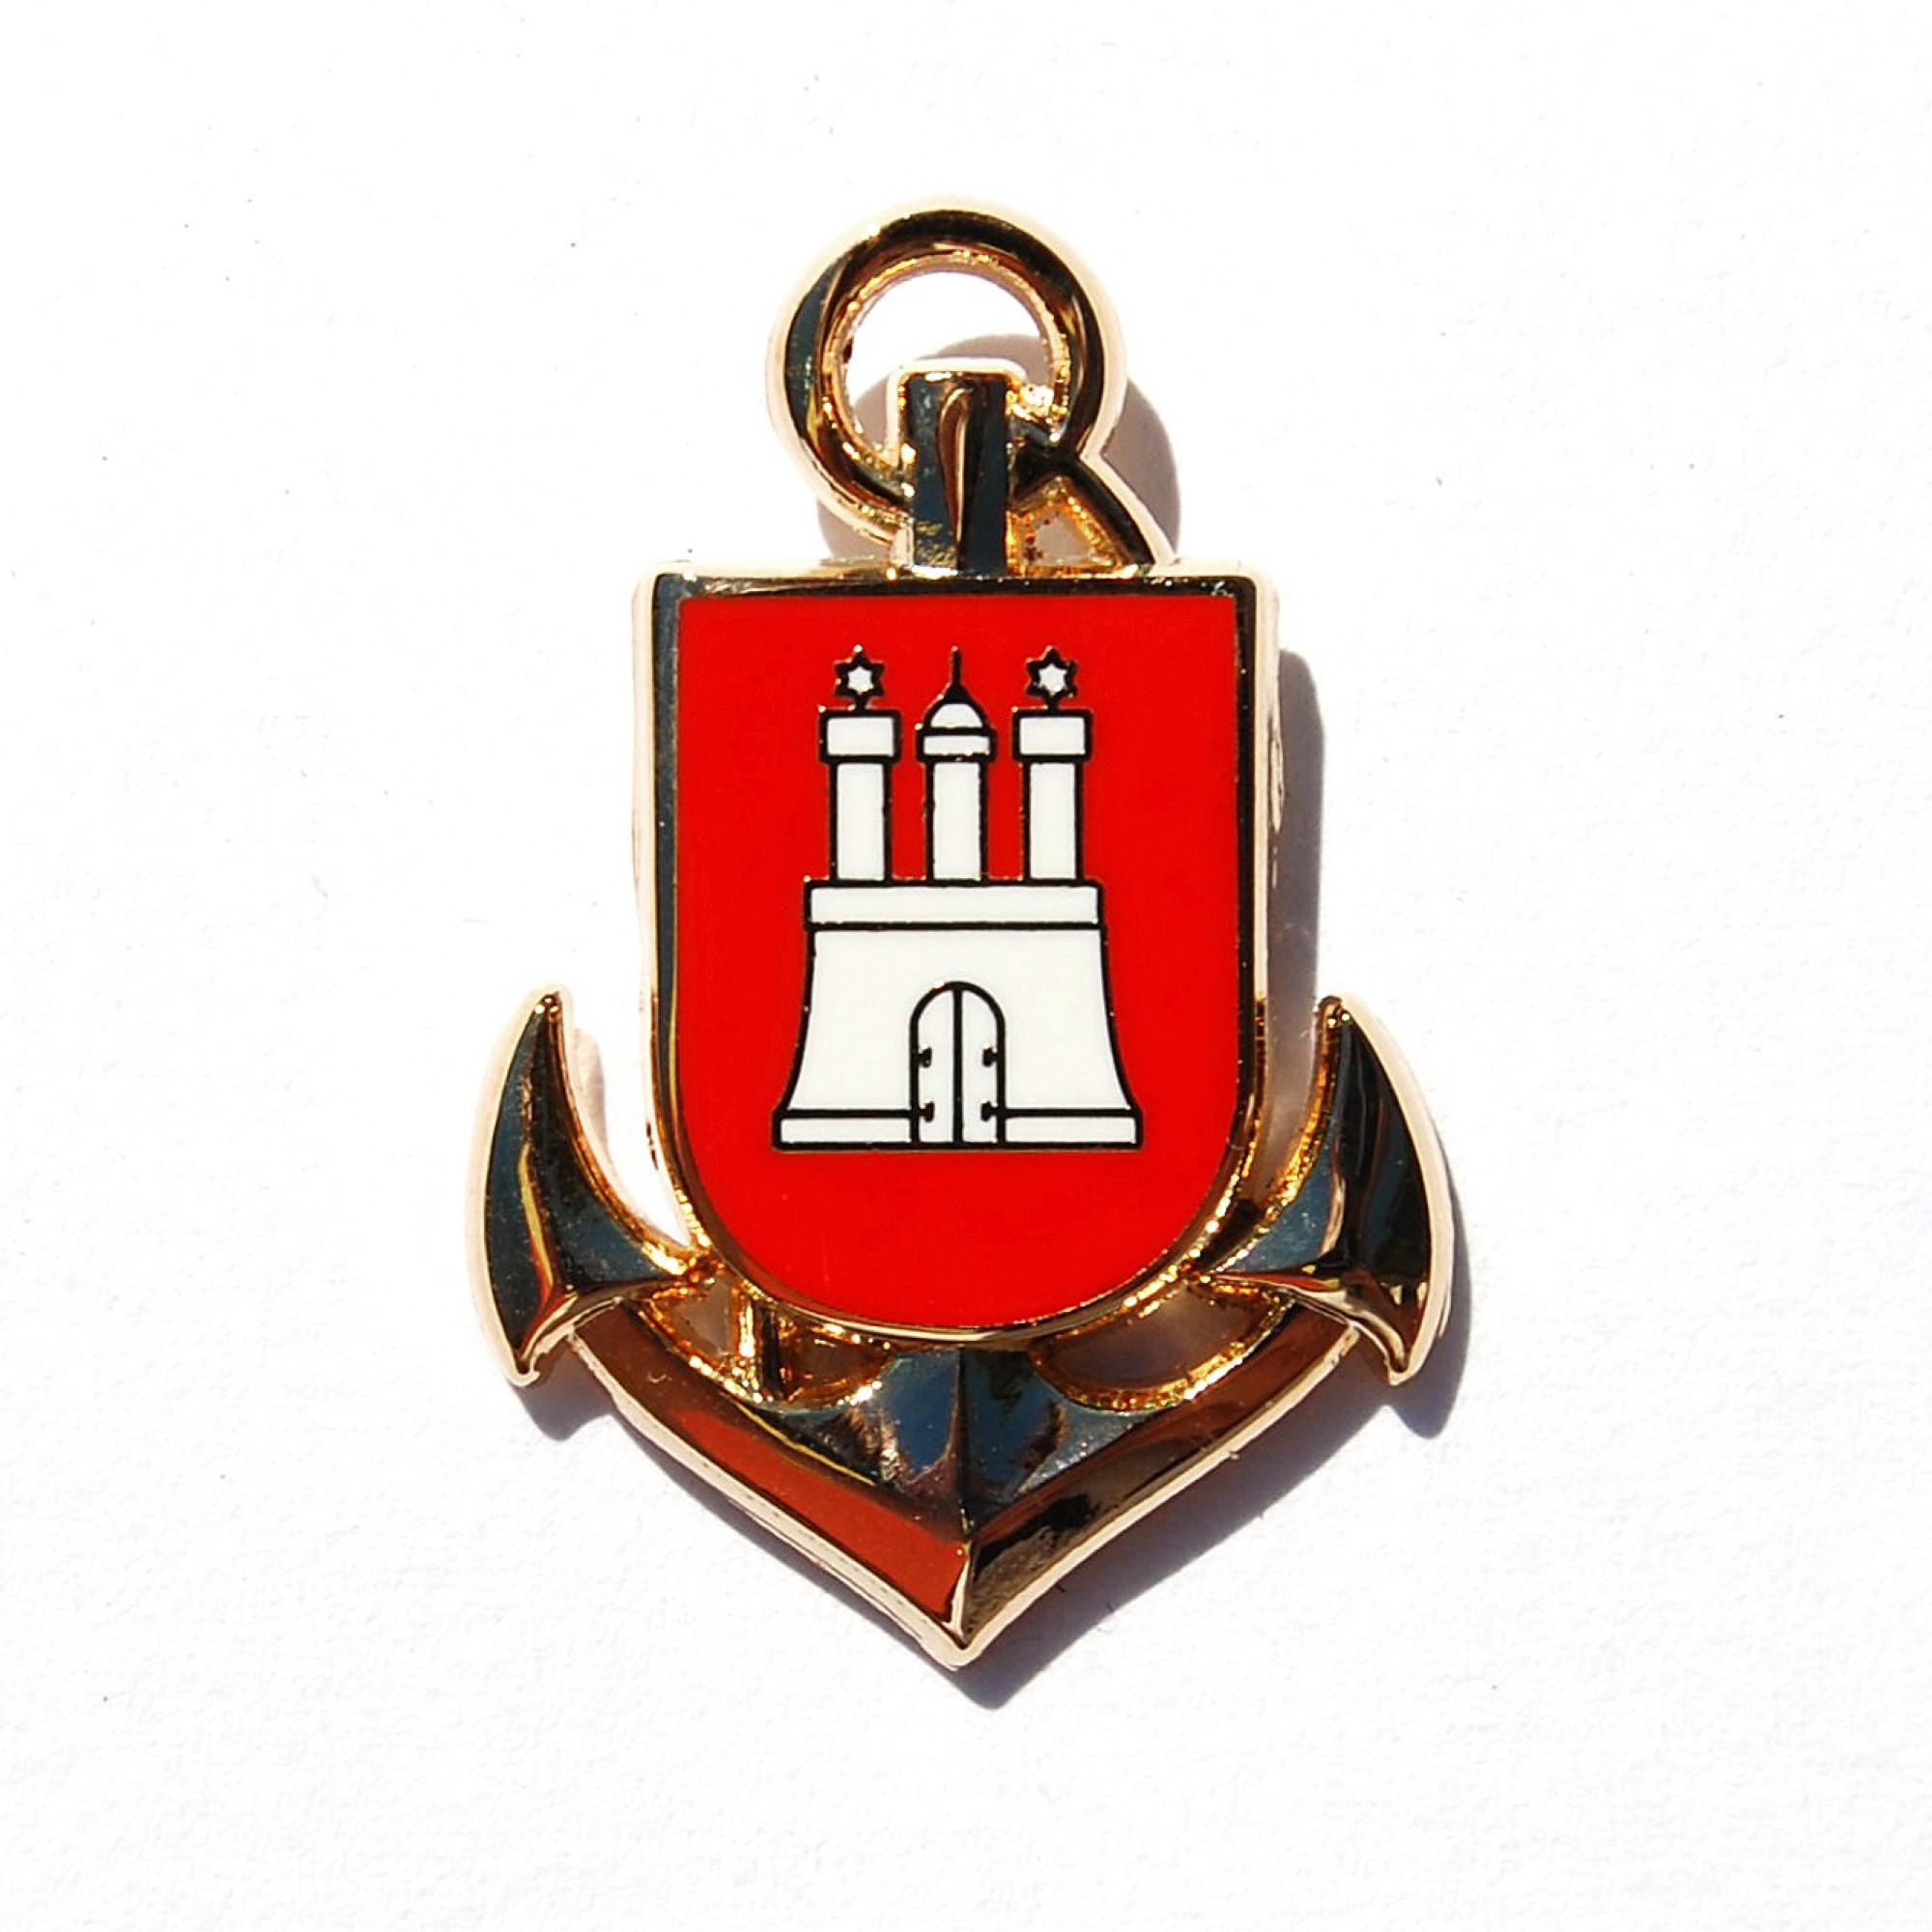 City souvenir souvenirs aus deiner stadt pin for Souvenir shop hannover